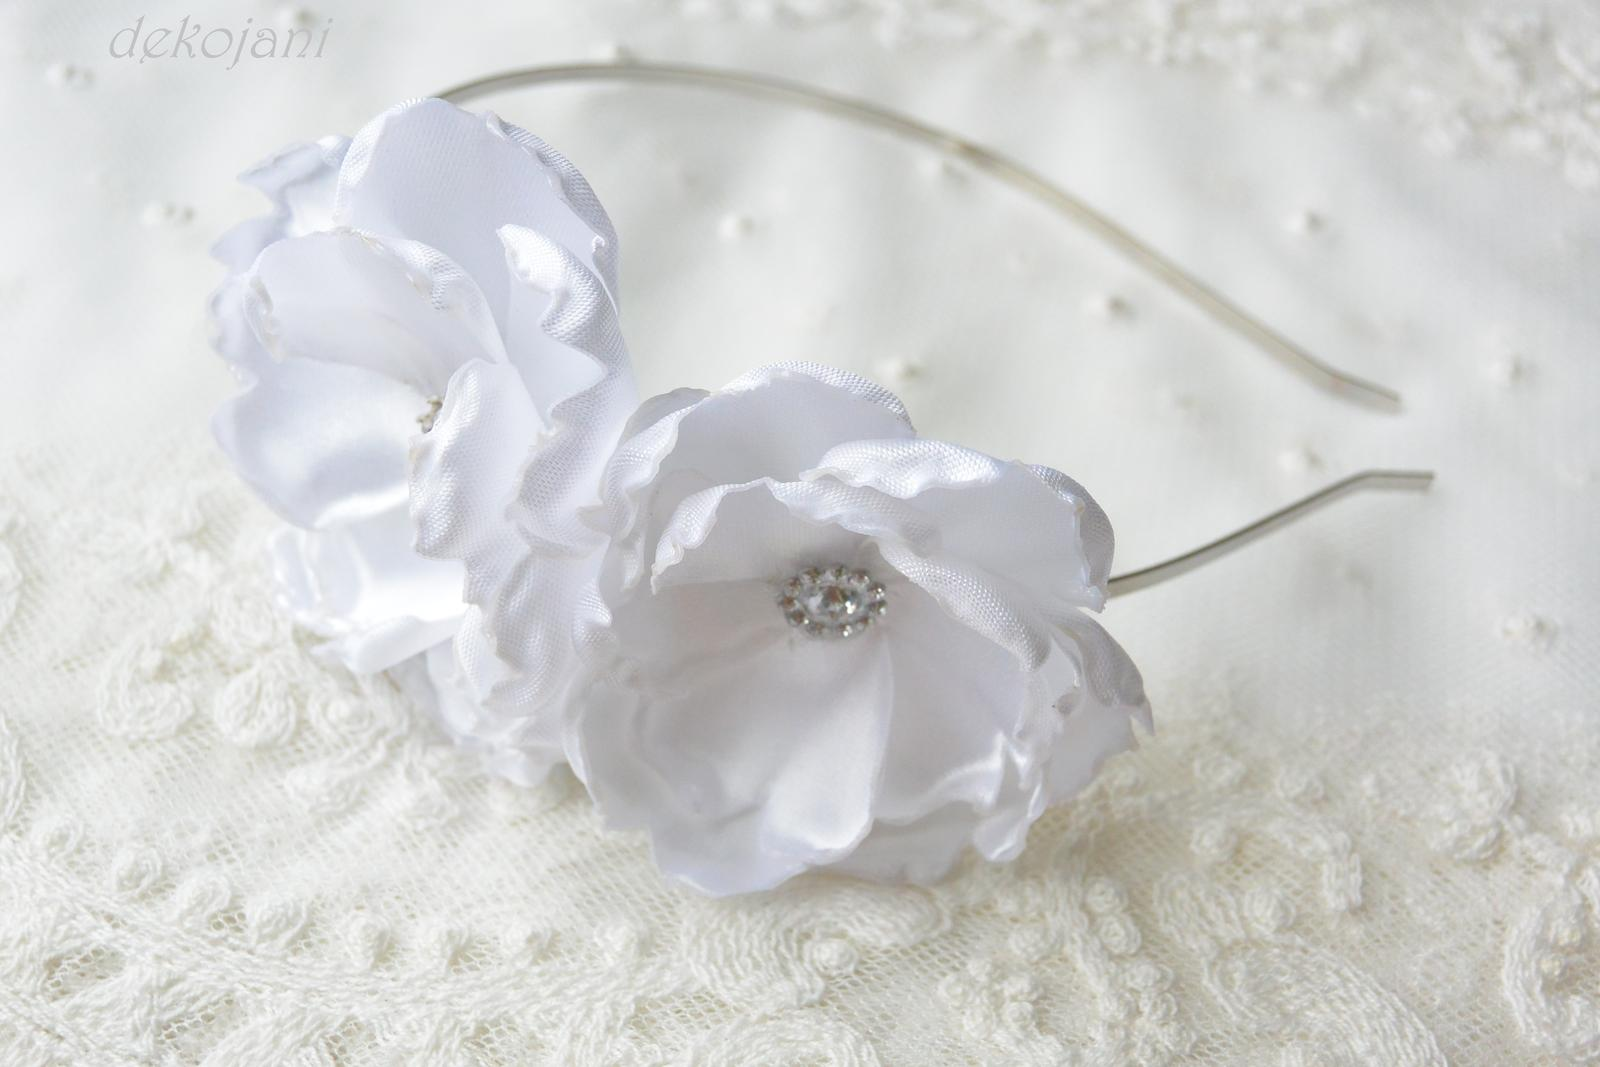 Čelenky, květiny do vlasů, náramky, obojek pro pejska... - Obrázek č. 2